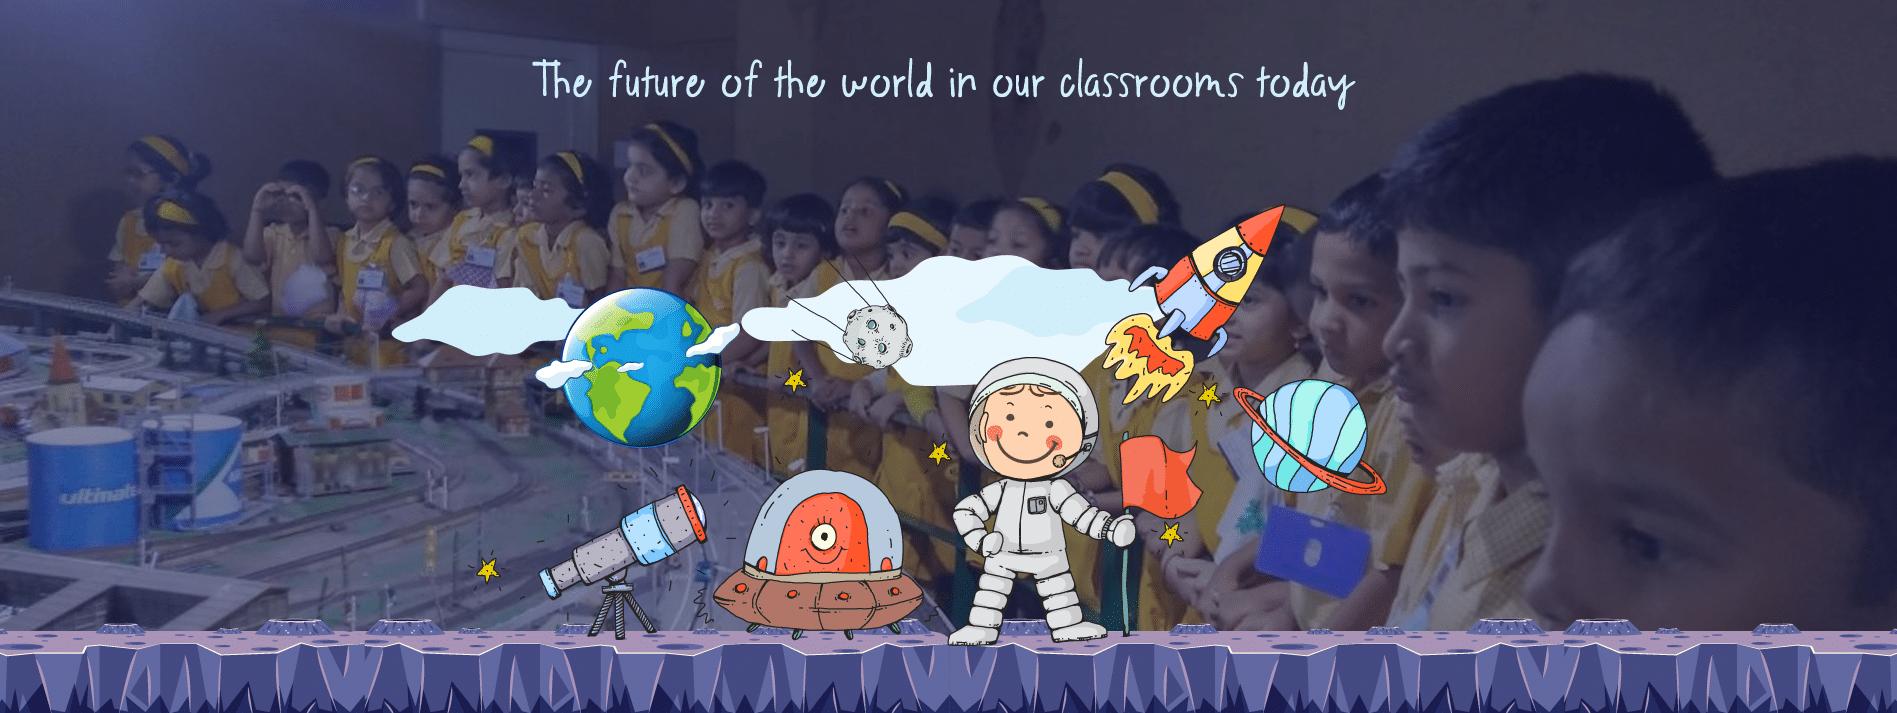 future-in-classroom